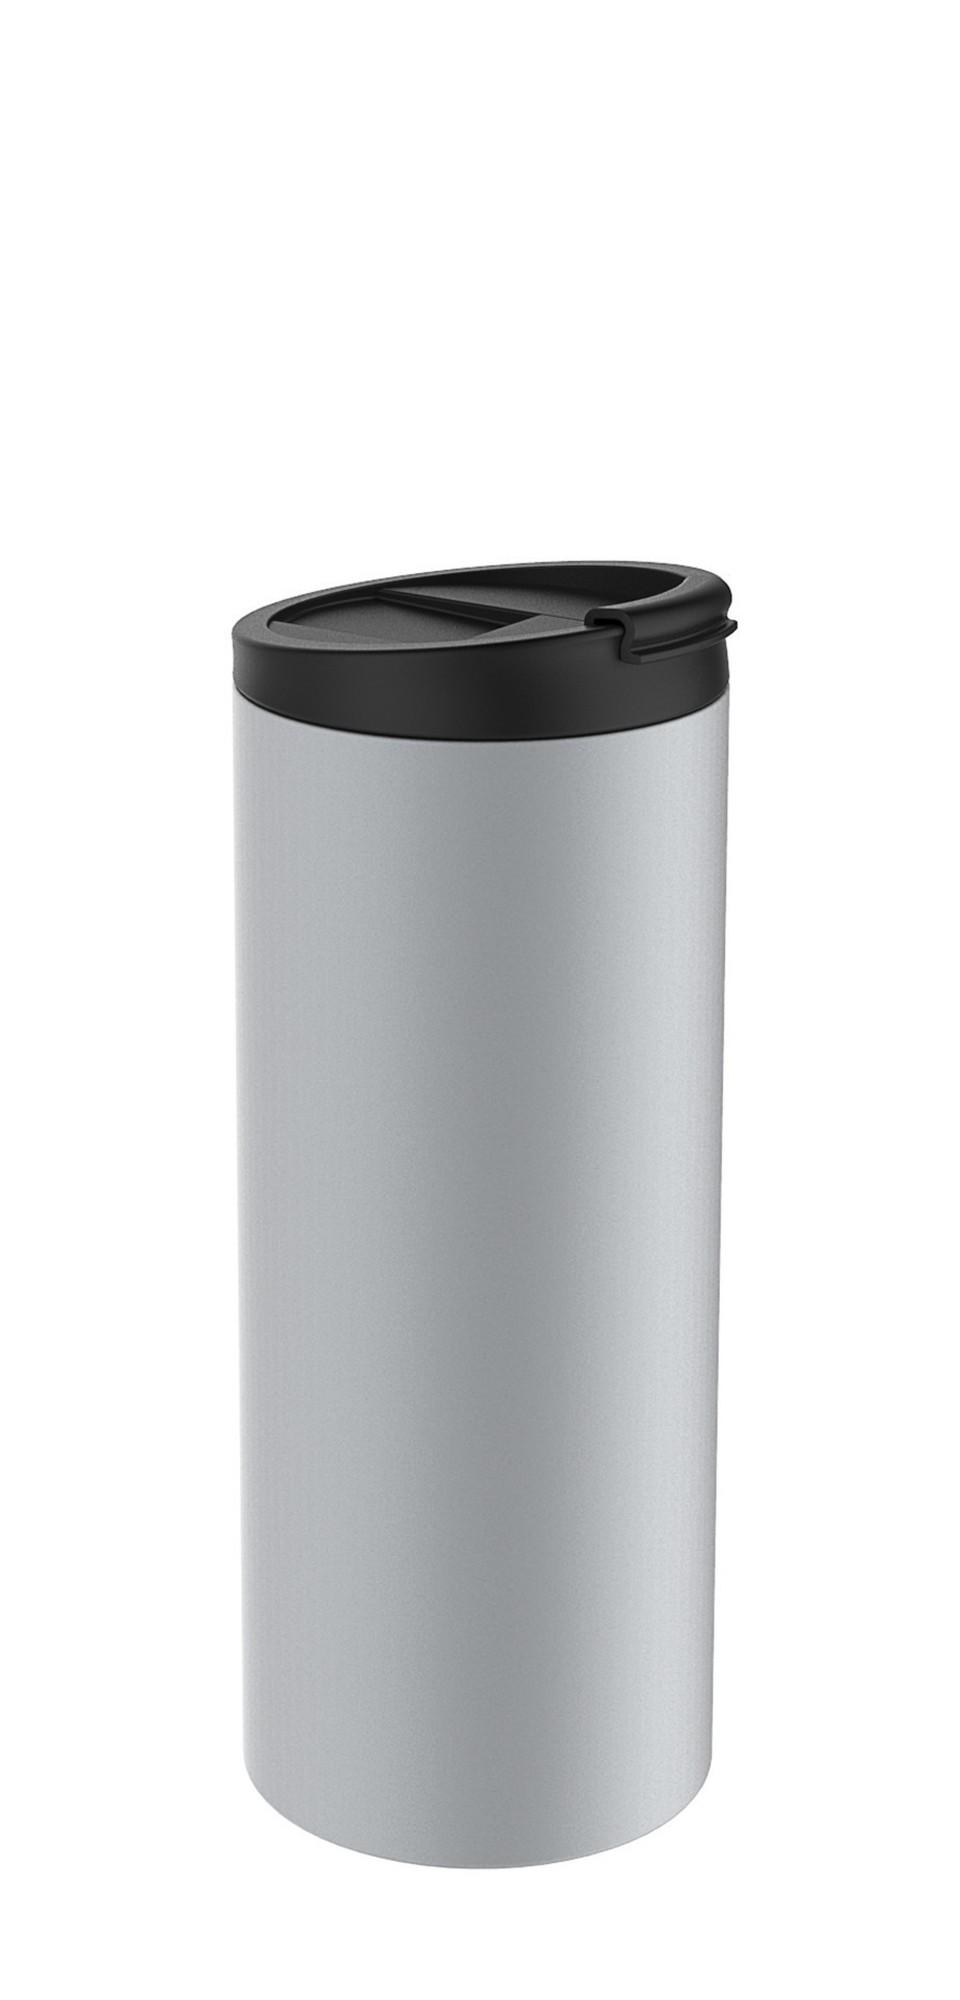 Θερμός Ποτήρι Zak Designs Inox Μεταλλικό 350ml home   αξεσουαρ κουζινας   παγούρια   θερμός